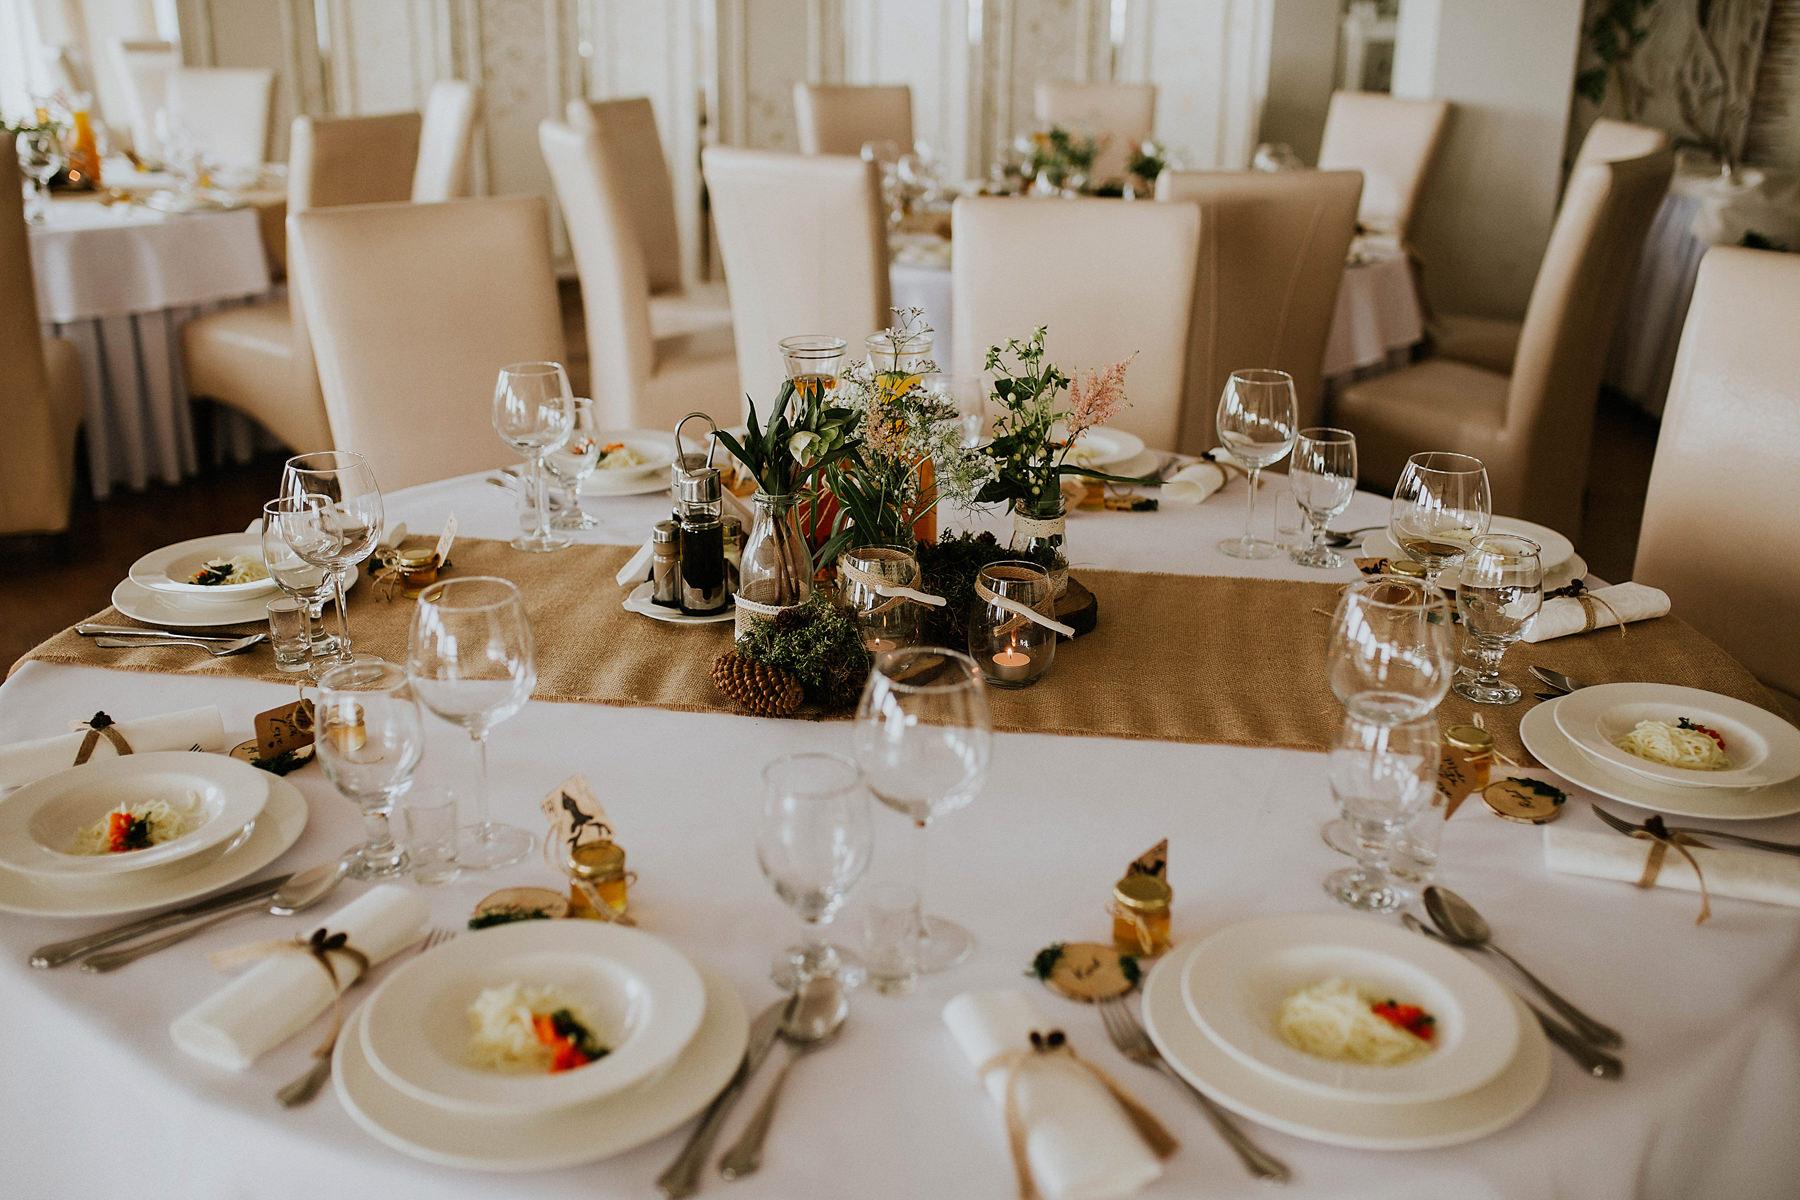 dekoracja stolu weselnego restauracja przystan tychy